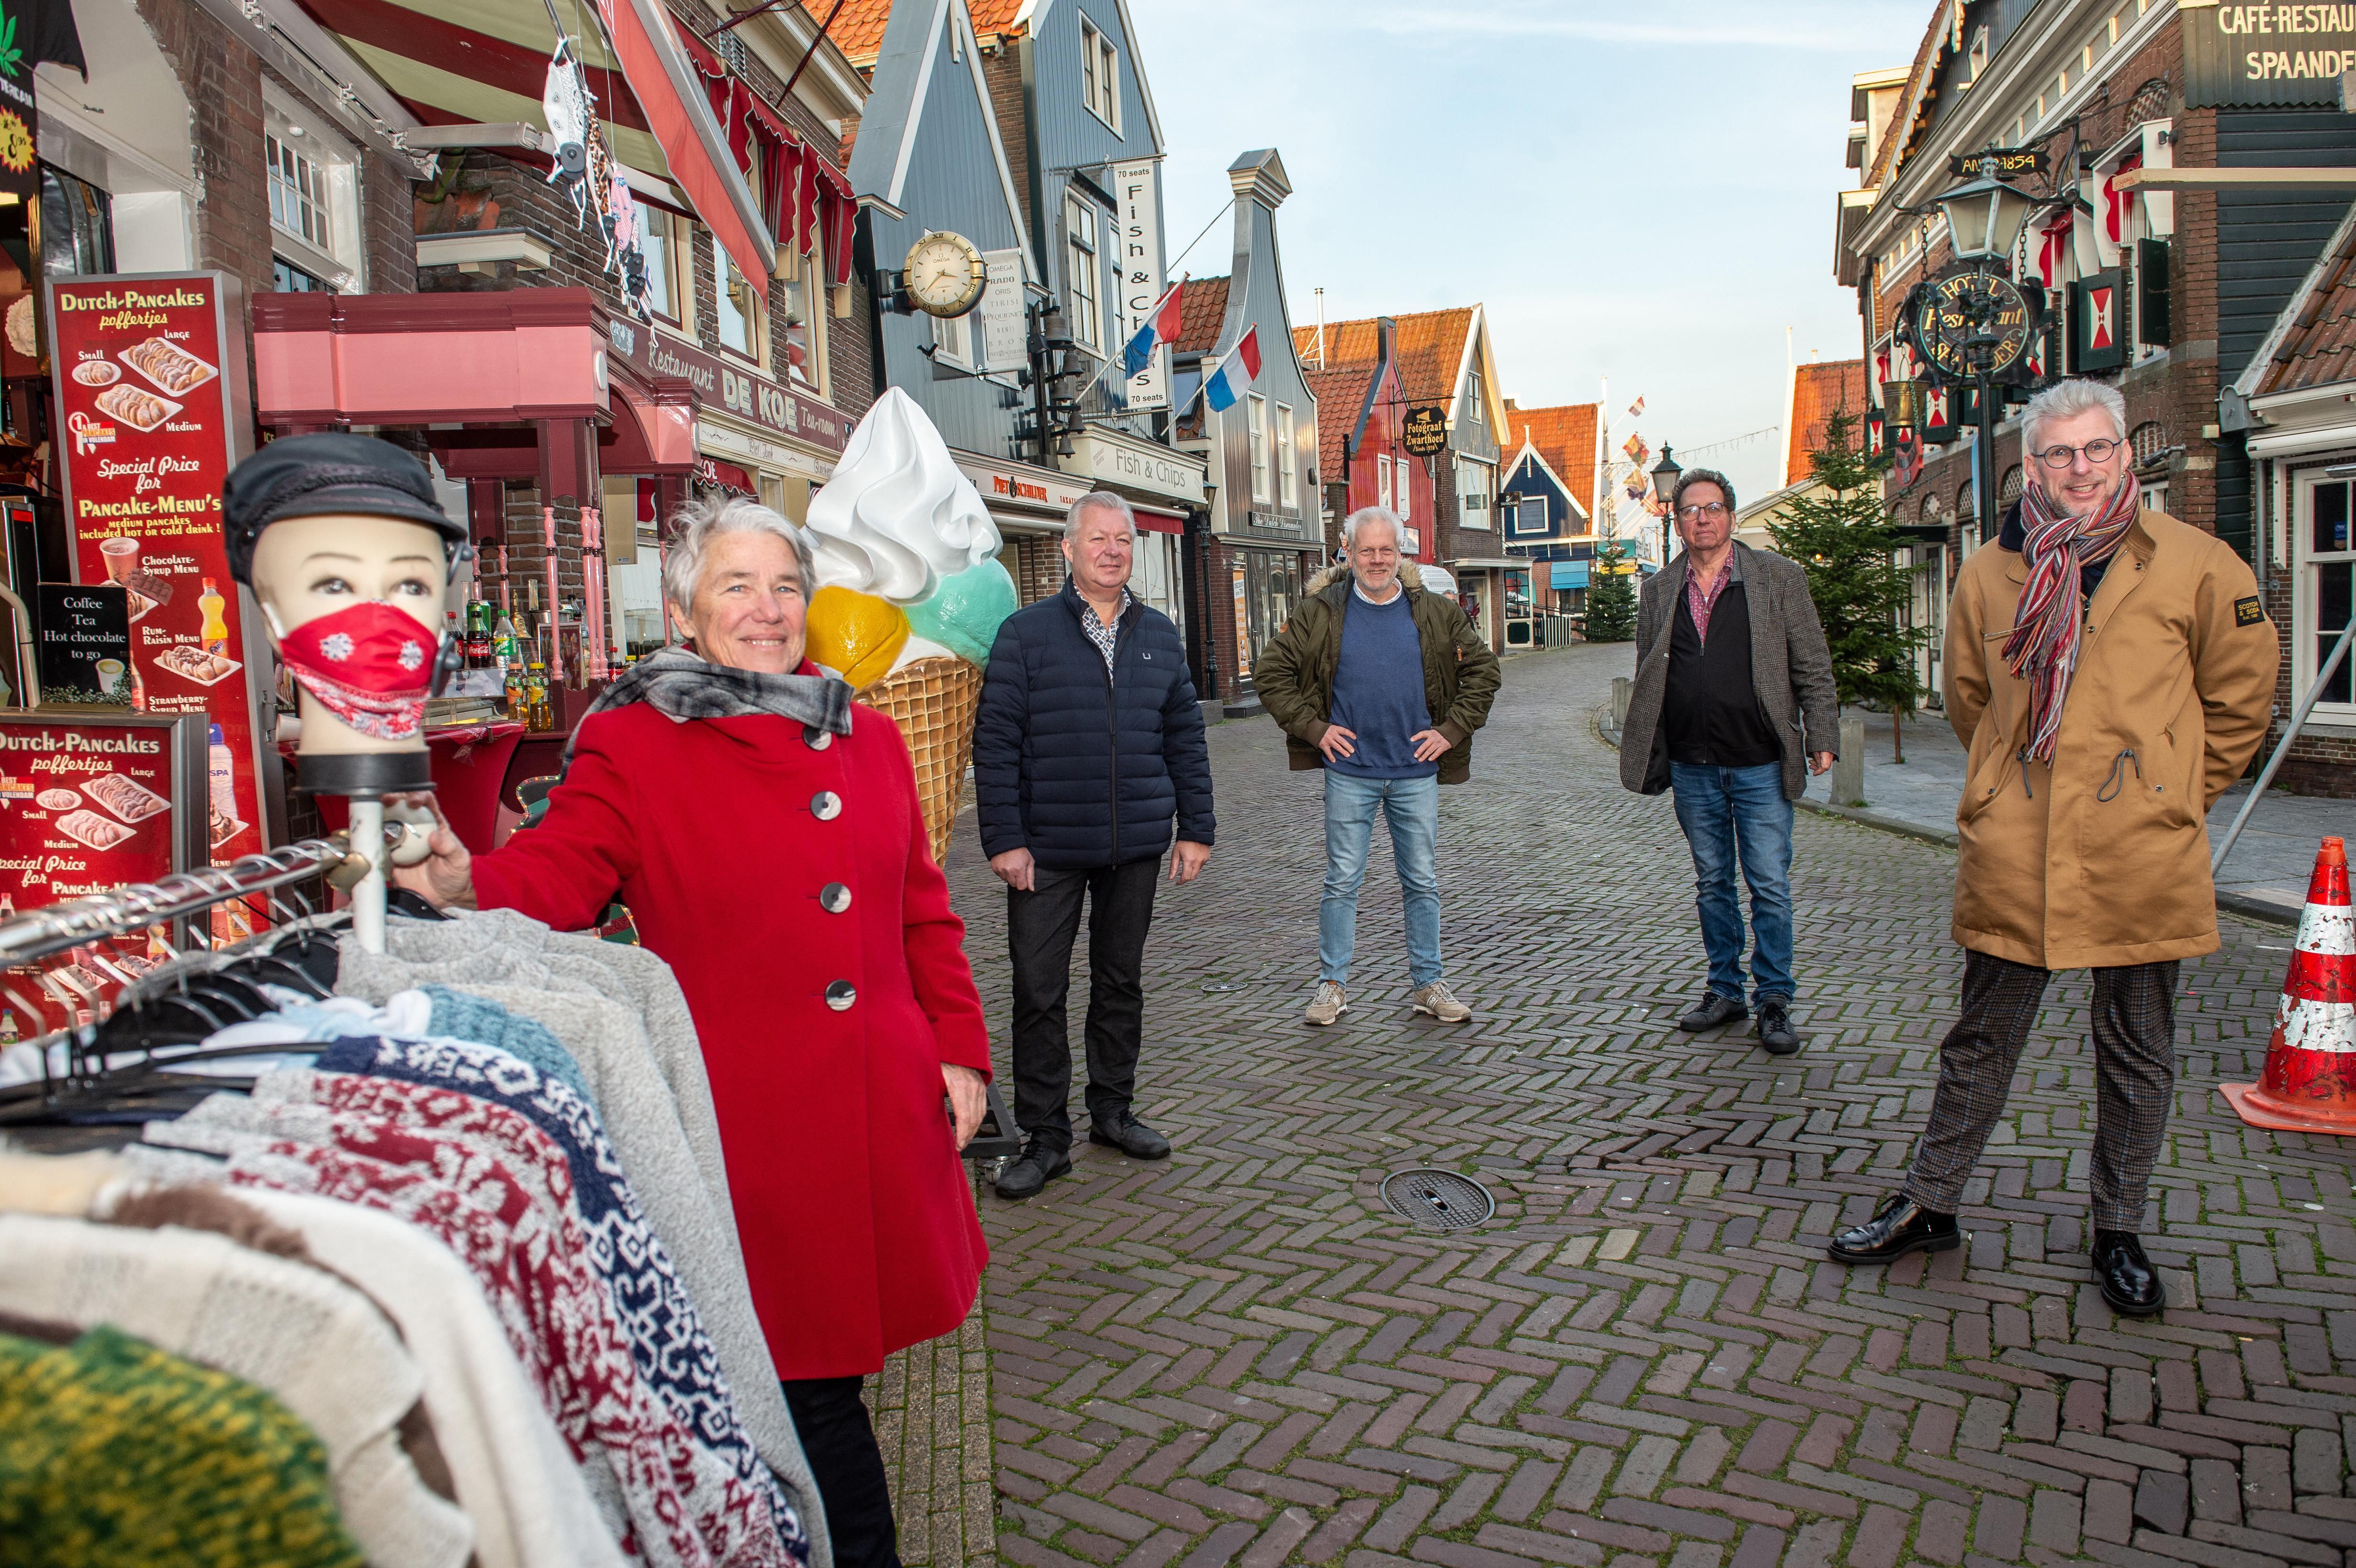 Ondernemers, horeca en VVV zetten in op 'kwaliteitstoerist' in Edam, Volendam en Zeevang: 'Niet even de bus uit en weer weg'